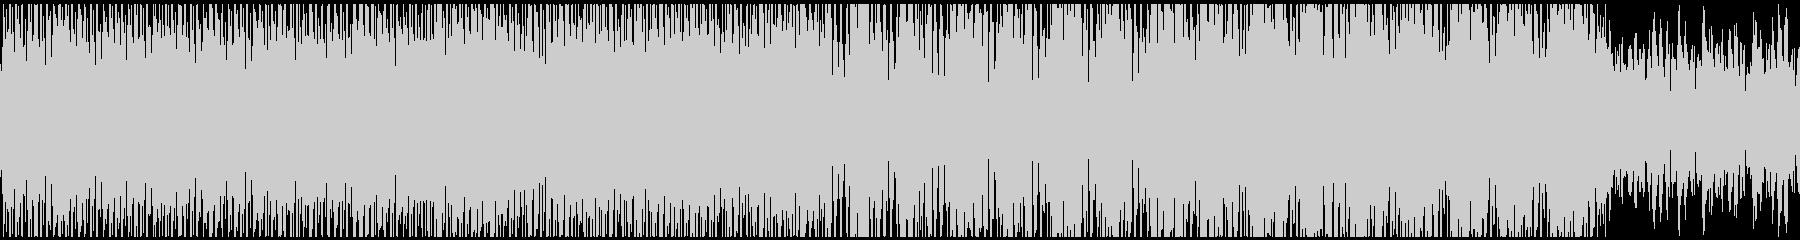 ちょっとクールなハウス調BGMの未再生の波形